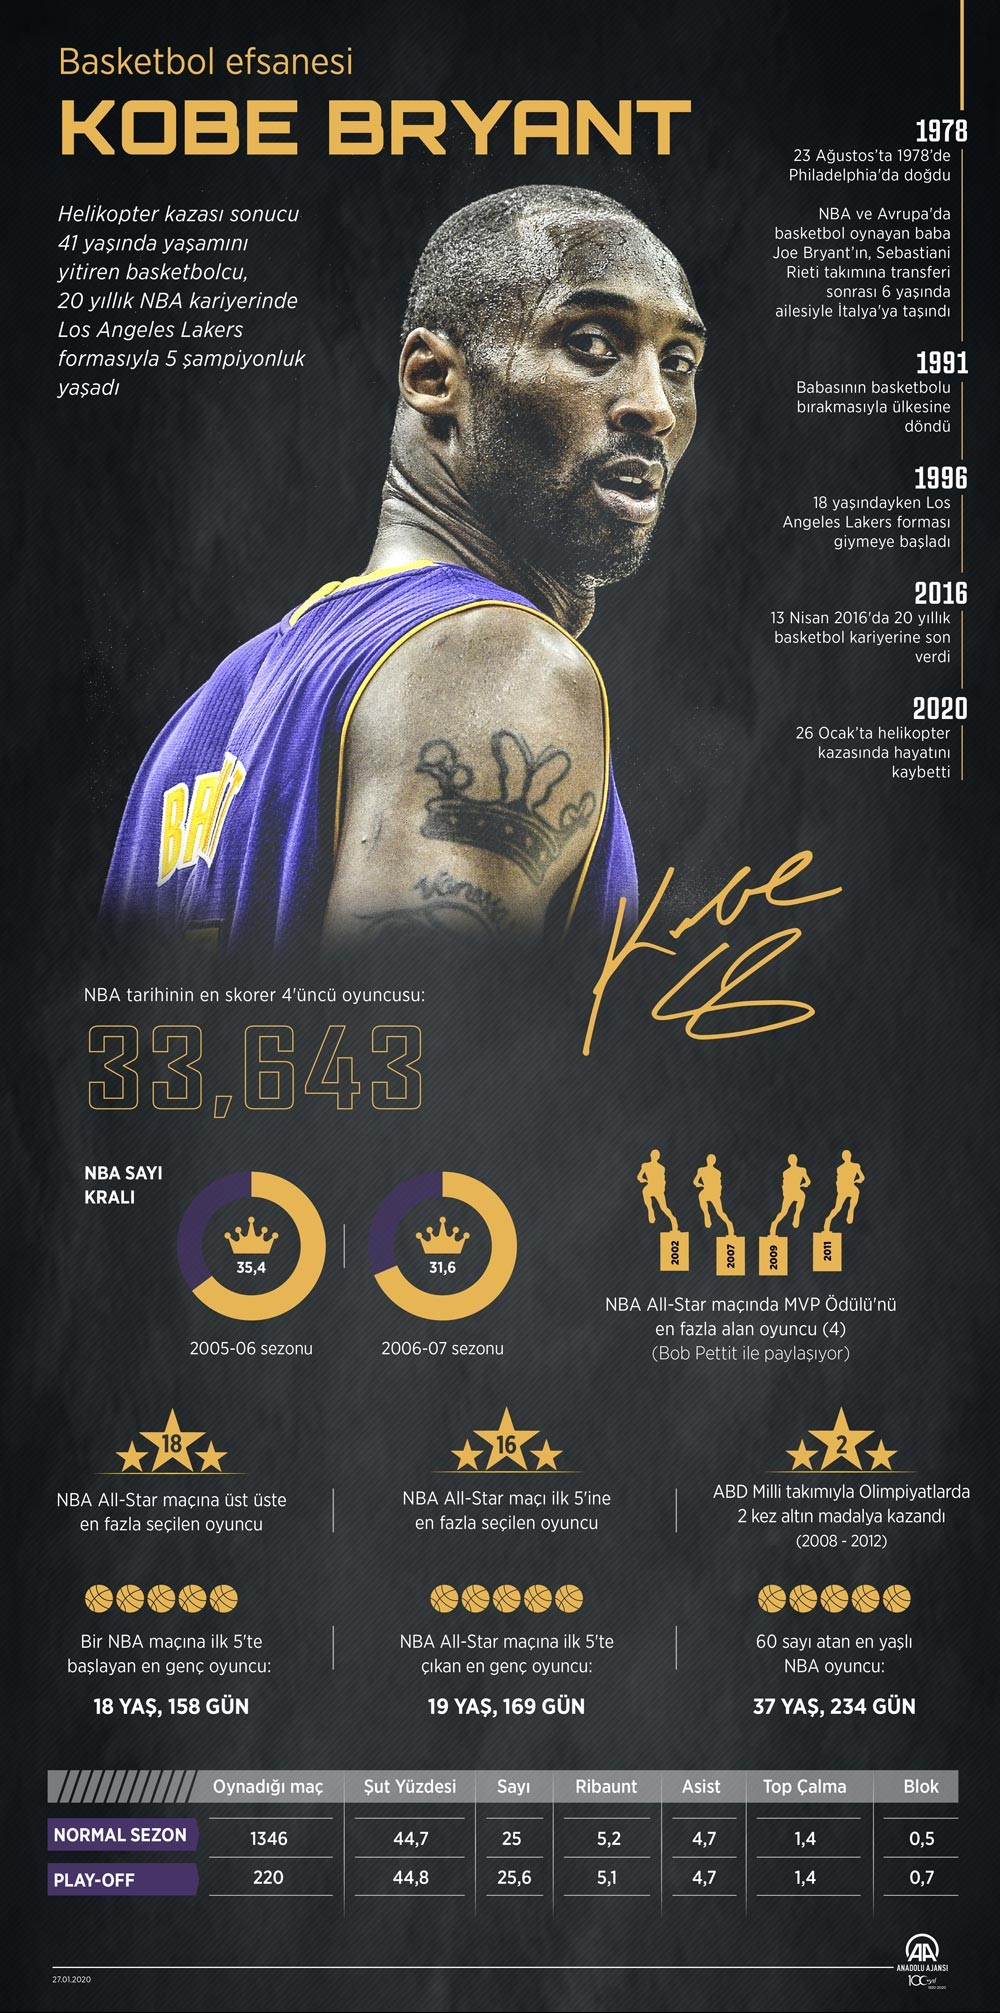 Kobe Bryant'ın ölümünün ardından Anadolu Ajansının kariyeri ile ilgili hazırladığı infografik